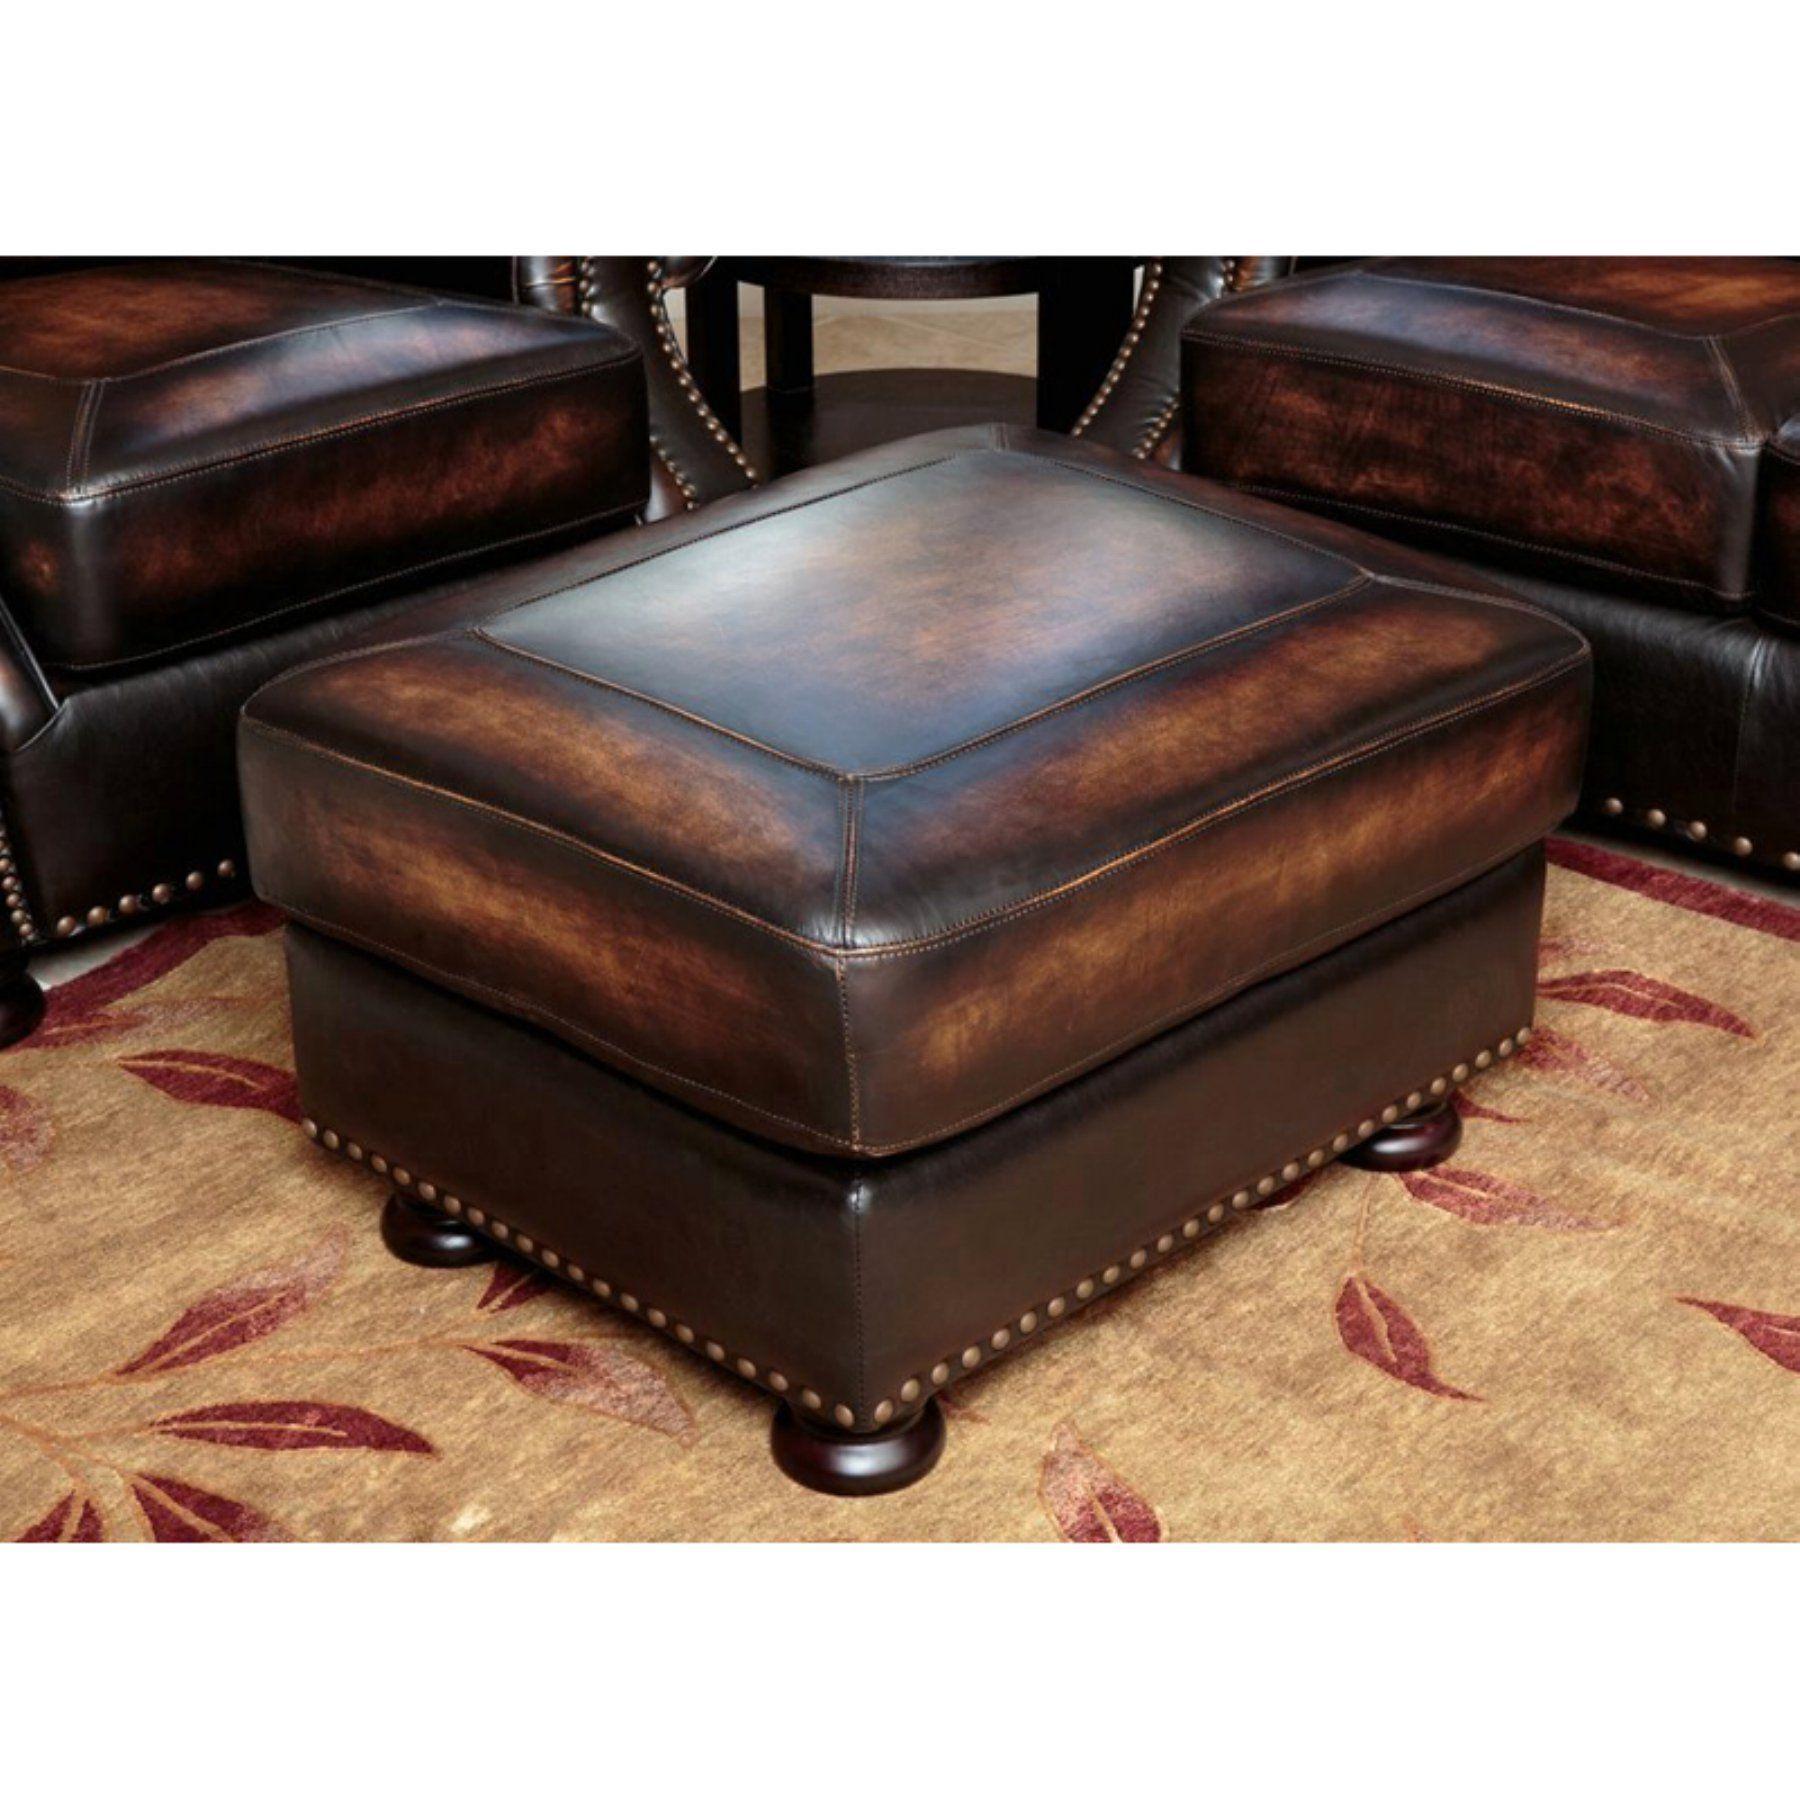 Abbyson Tannington Top Grain Leather Ottoman  Brown  Sk 2308 Brn 4